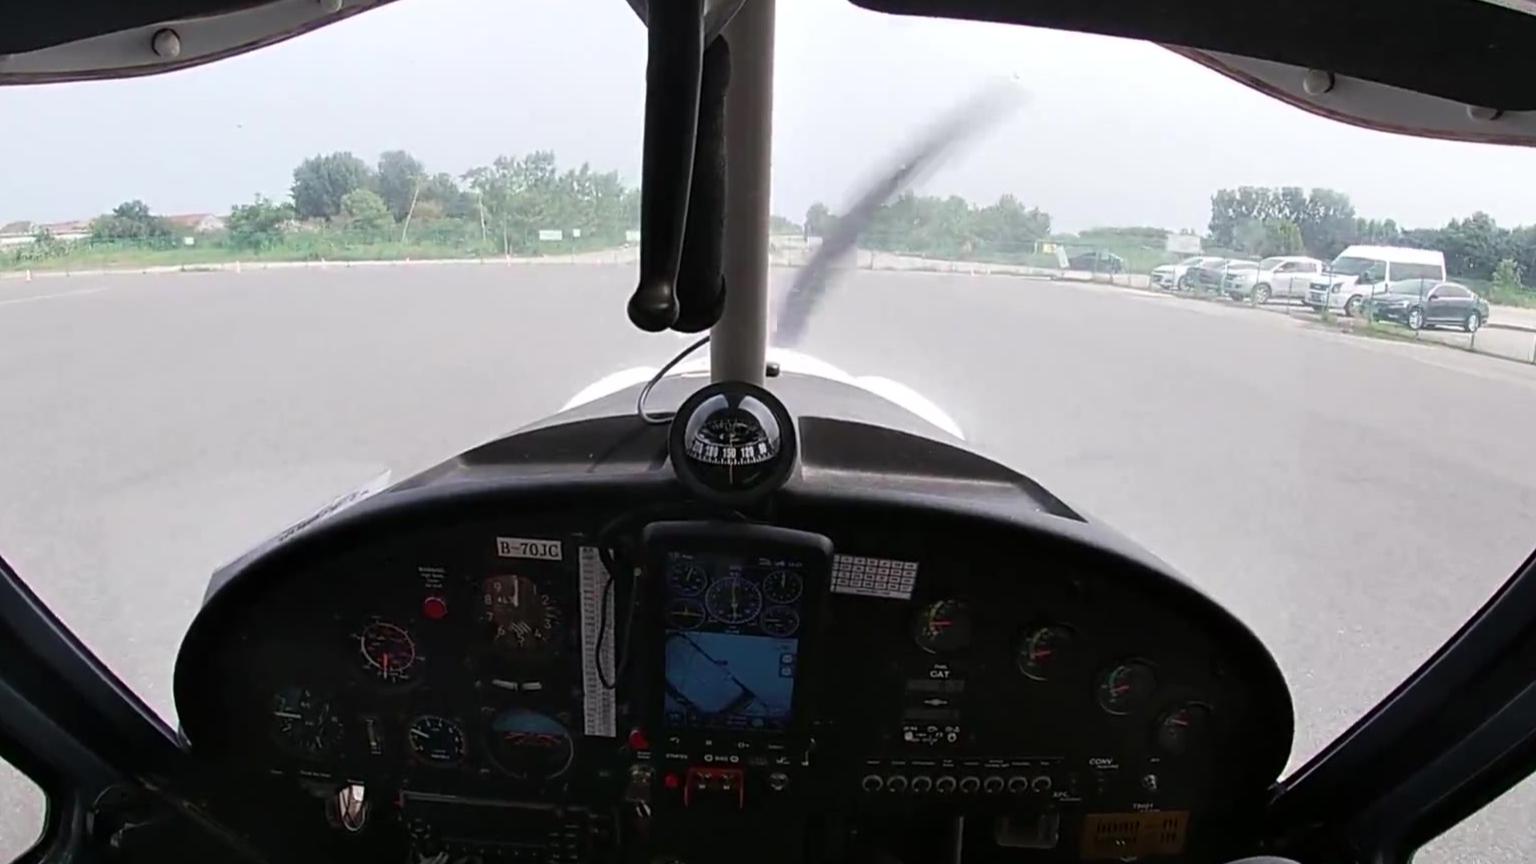 【超A新生计划】飞行训练,落地,滑入机坪#2